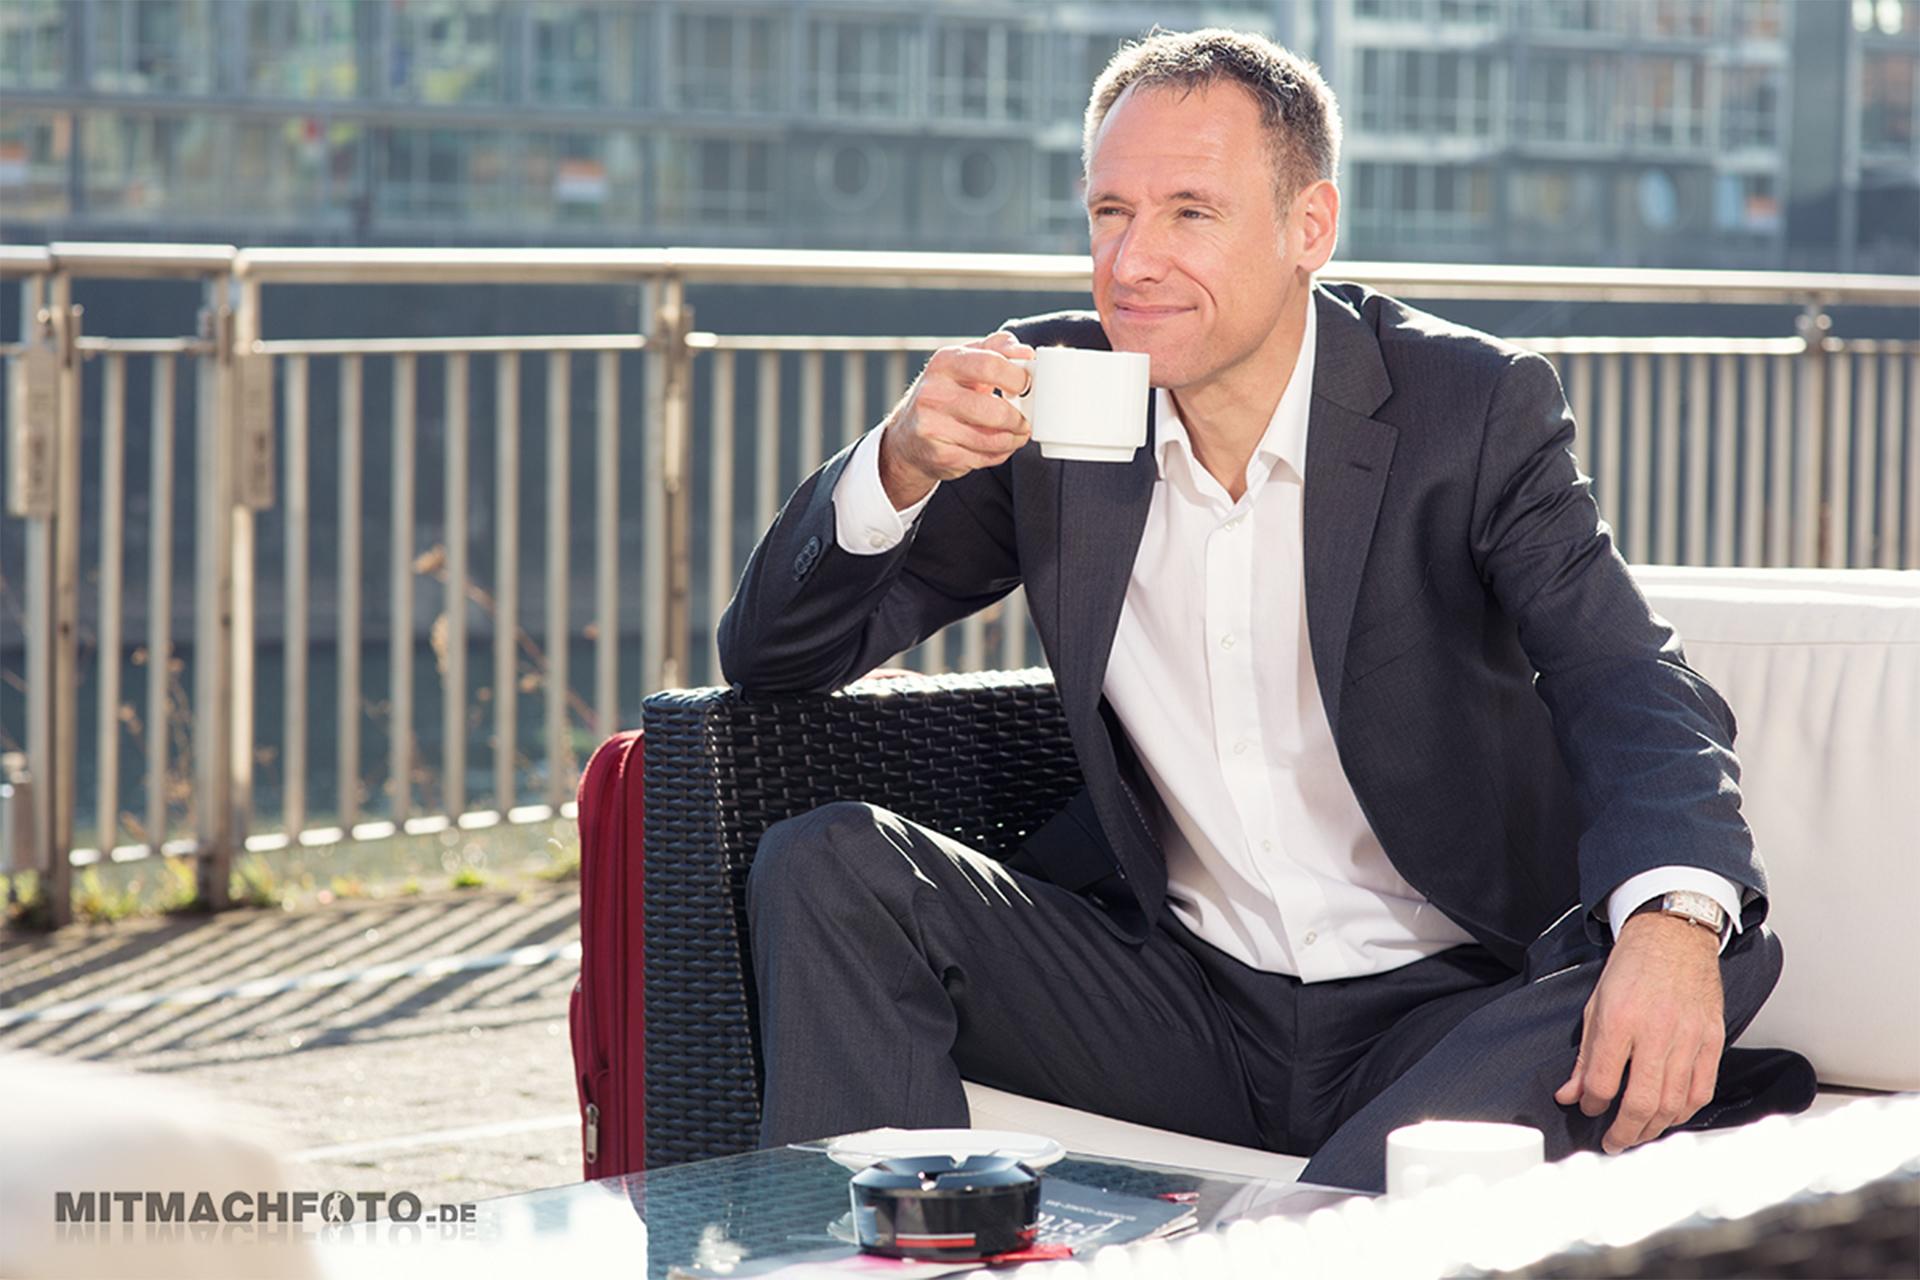 Daniel Kaffee